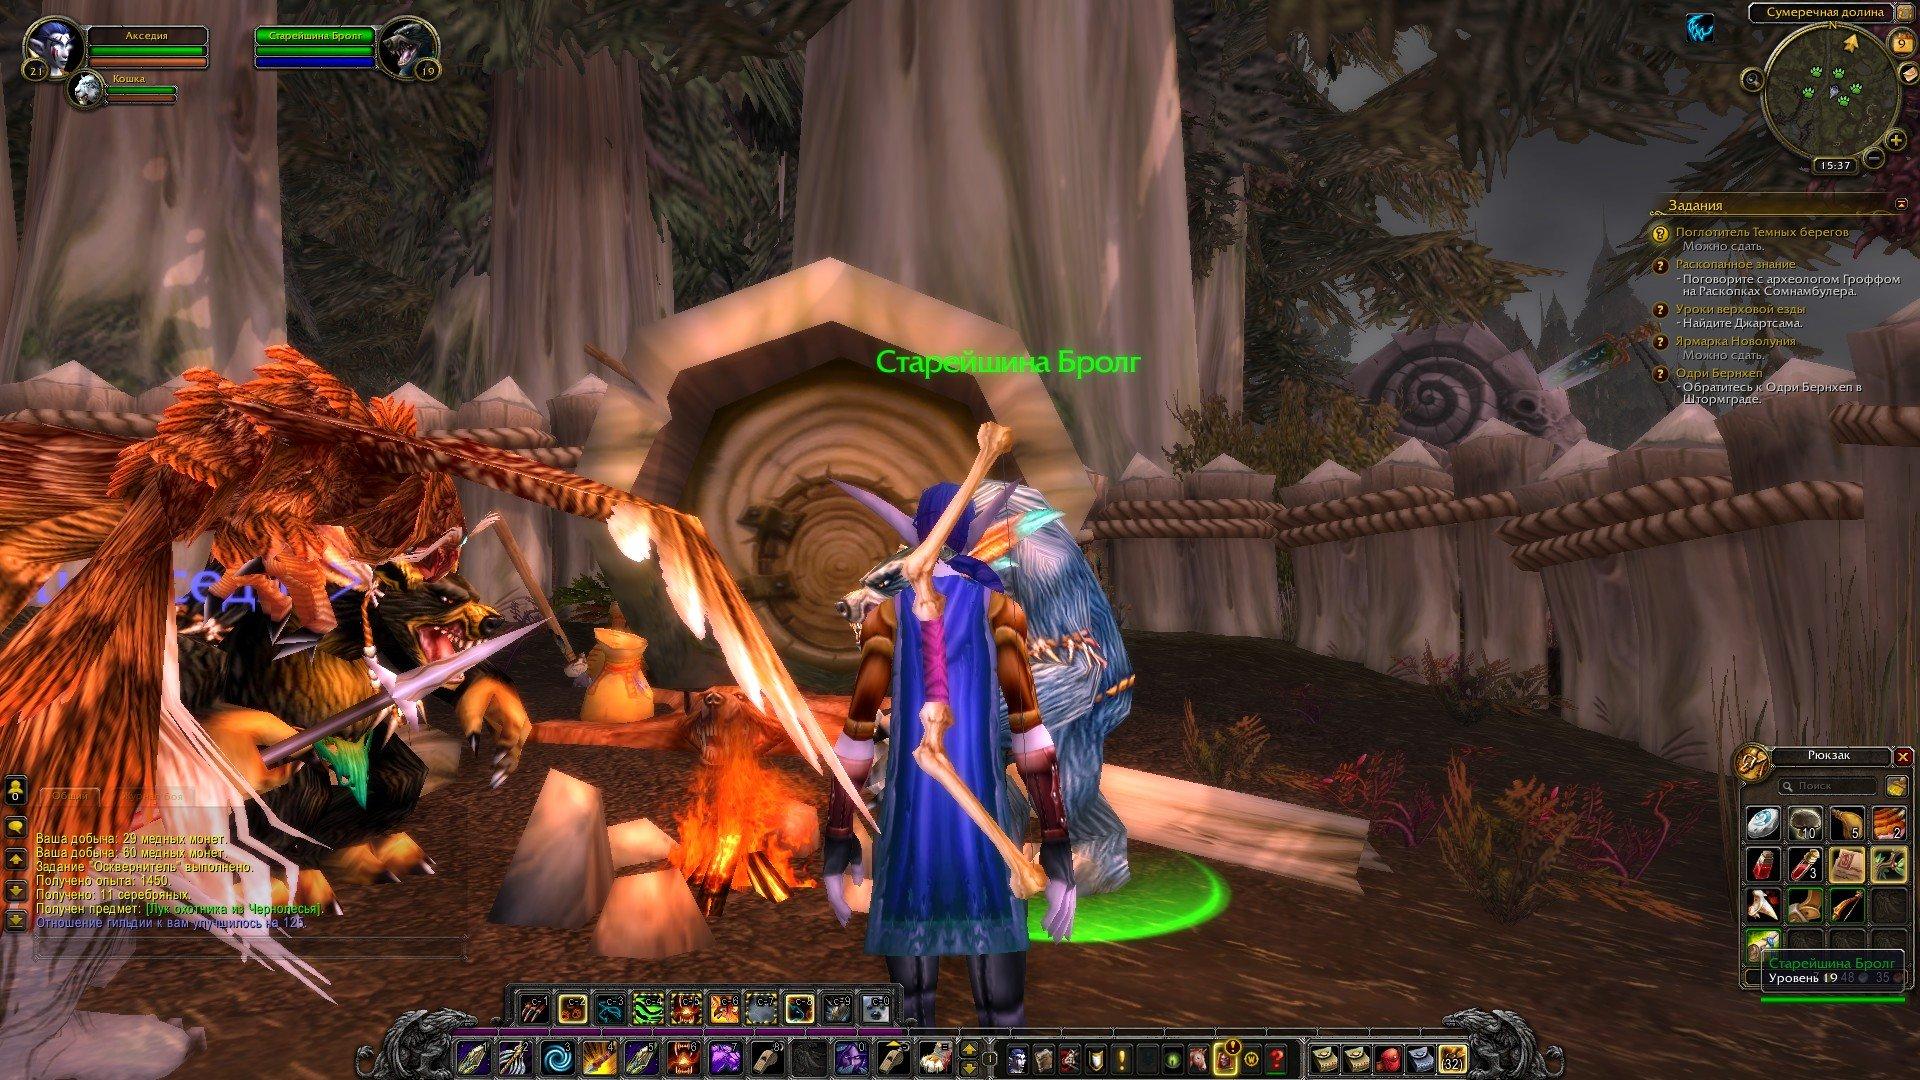 Путешествие по World of Warcraft ... Ночной Эльф. Глава 2. - Изображение 23